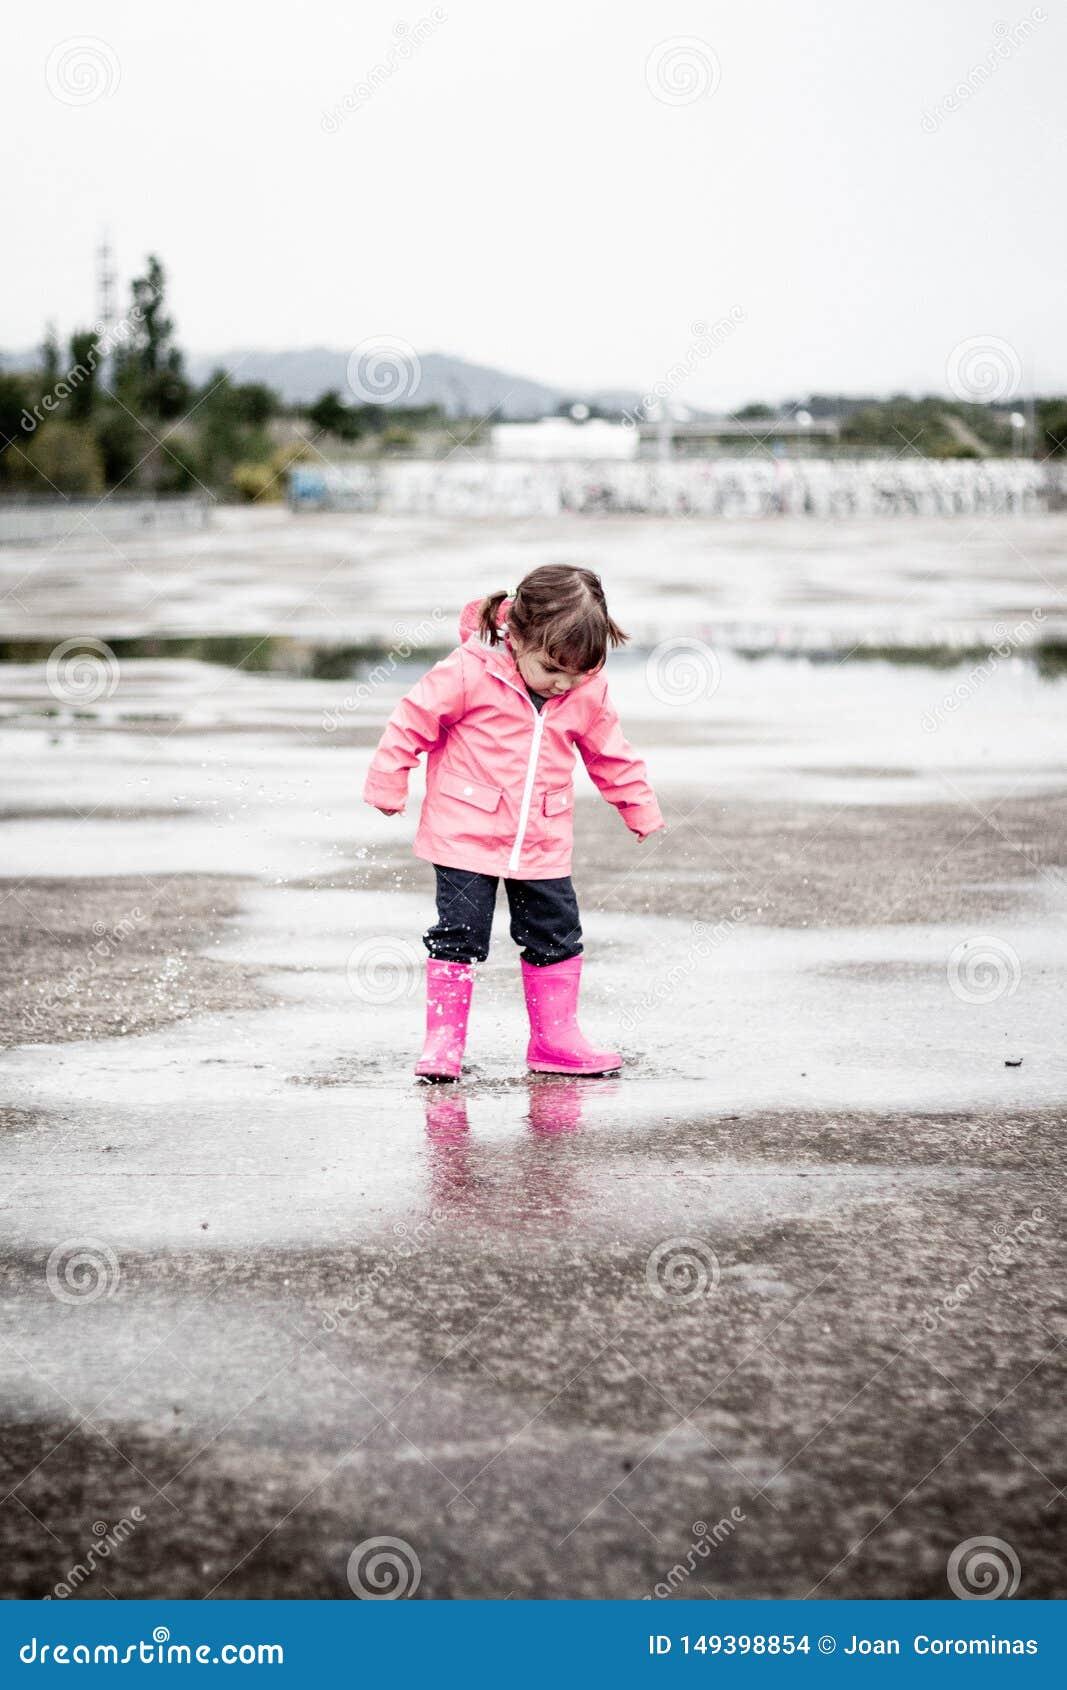 Ребенок одетый в розовых одеждах скача в лужицы